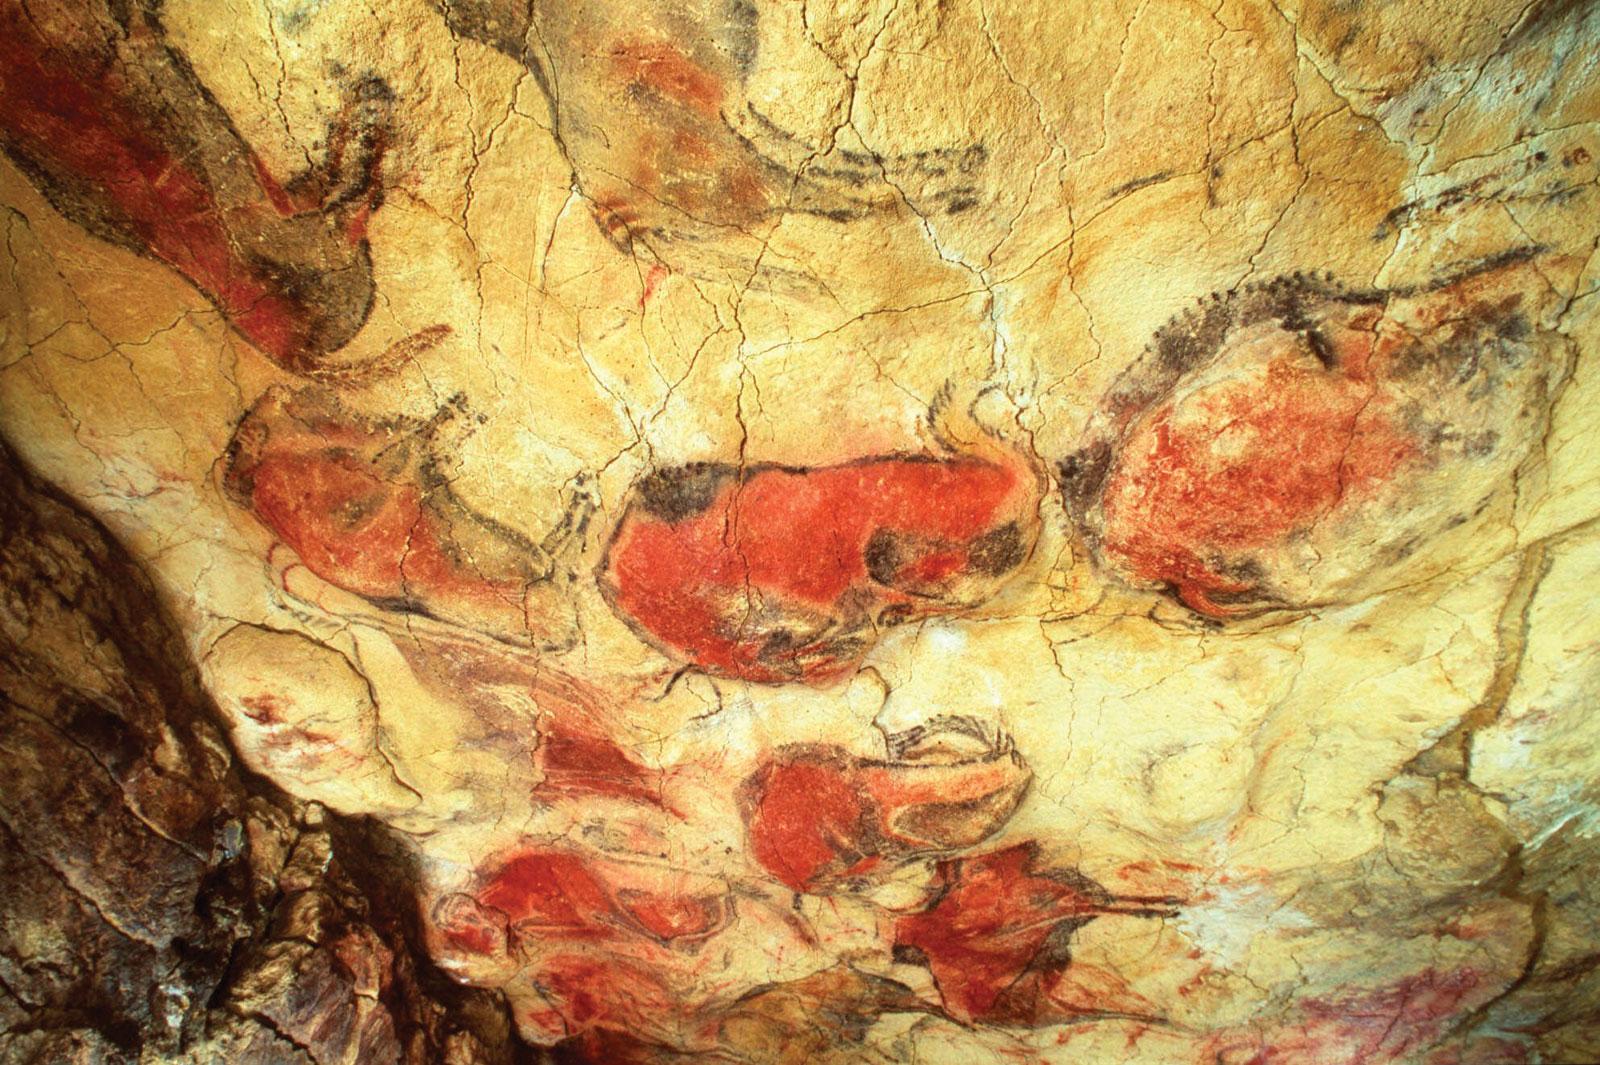 Arte preistorica articoli for Quanto costa un uomo in grotta